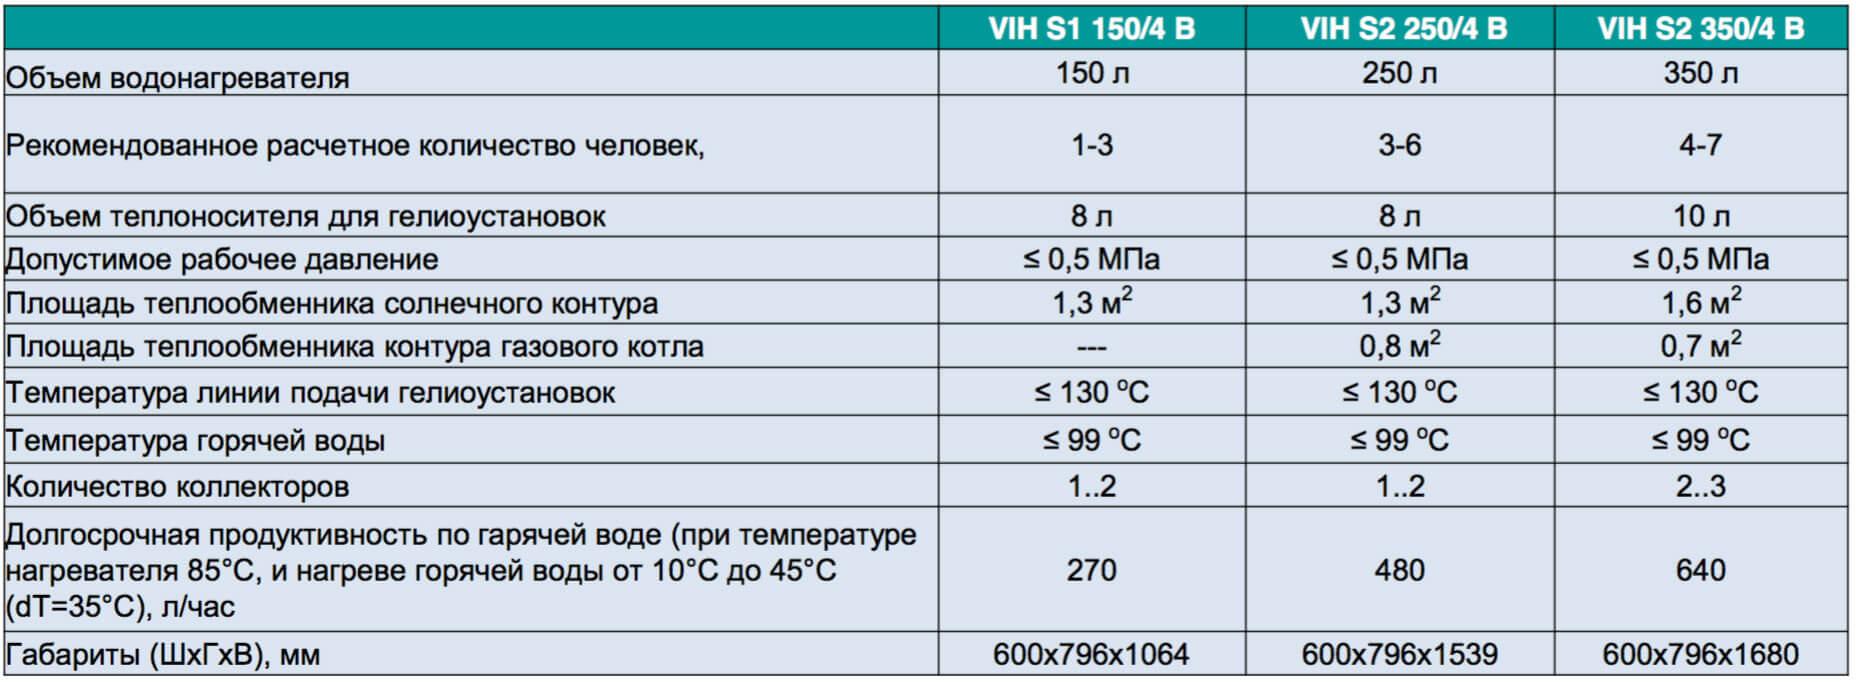 solnechnaya sistema aurostep plus s gorizontalnymi kollektorami5